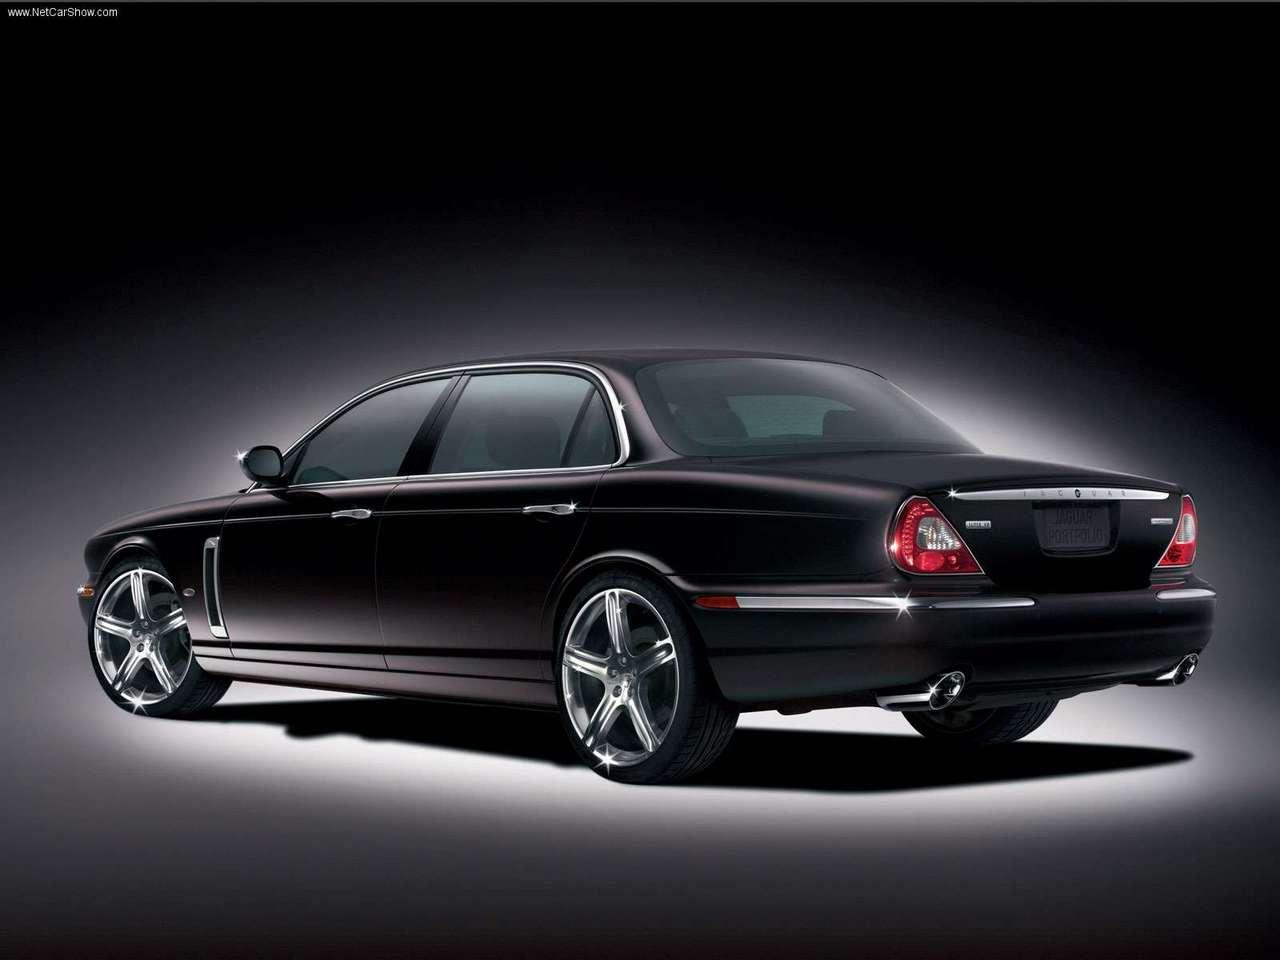 http://4.bp.blogspot.com/-2I-MLUmPsk0/TZMfW4KzRYI/AAAAAAAACKc/ZdpUHIQ3dTs/s1600/Jaguar-Super_V8_2006_1280x960_wallpaper_03.jpg